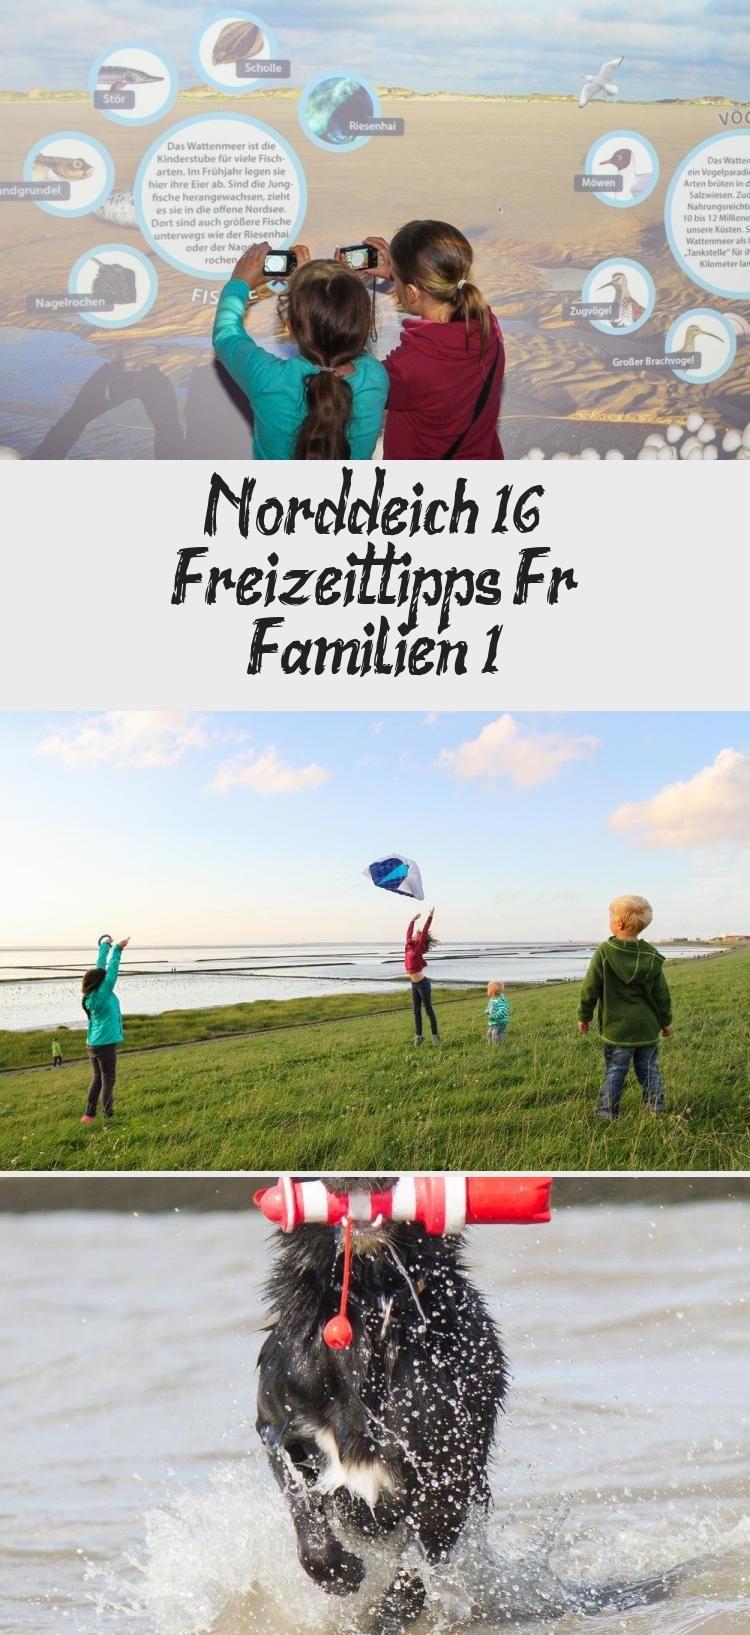 Urlaub An Der Nordsee Mit Kind Und Hund 16 Freizeittipps Fur Familien In Norddeich Ostfriesland Und Umgebung Der Familienurla Movie Posters Poster Movies